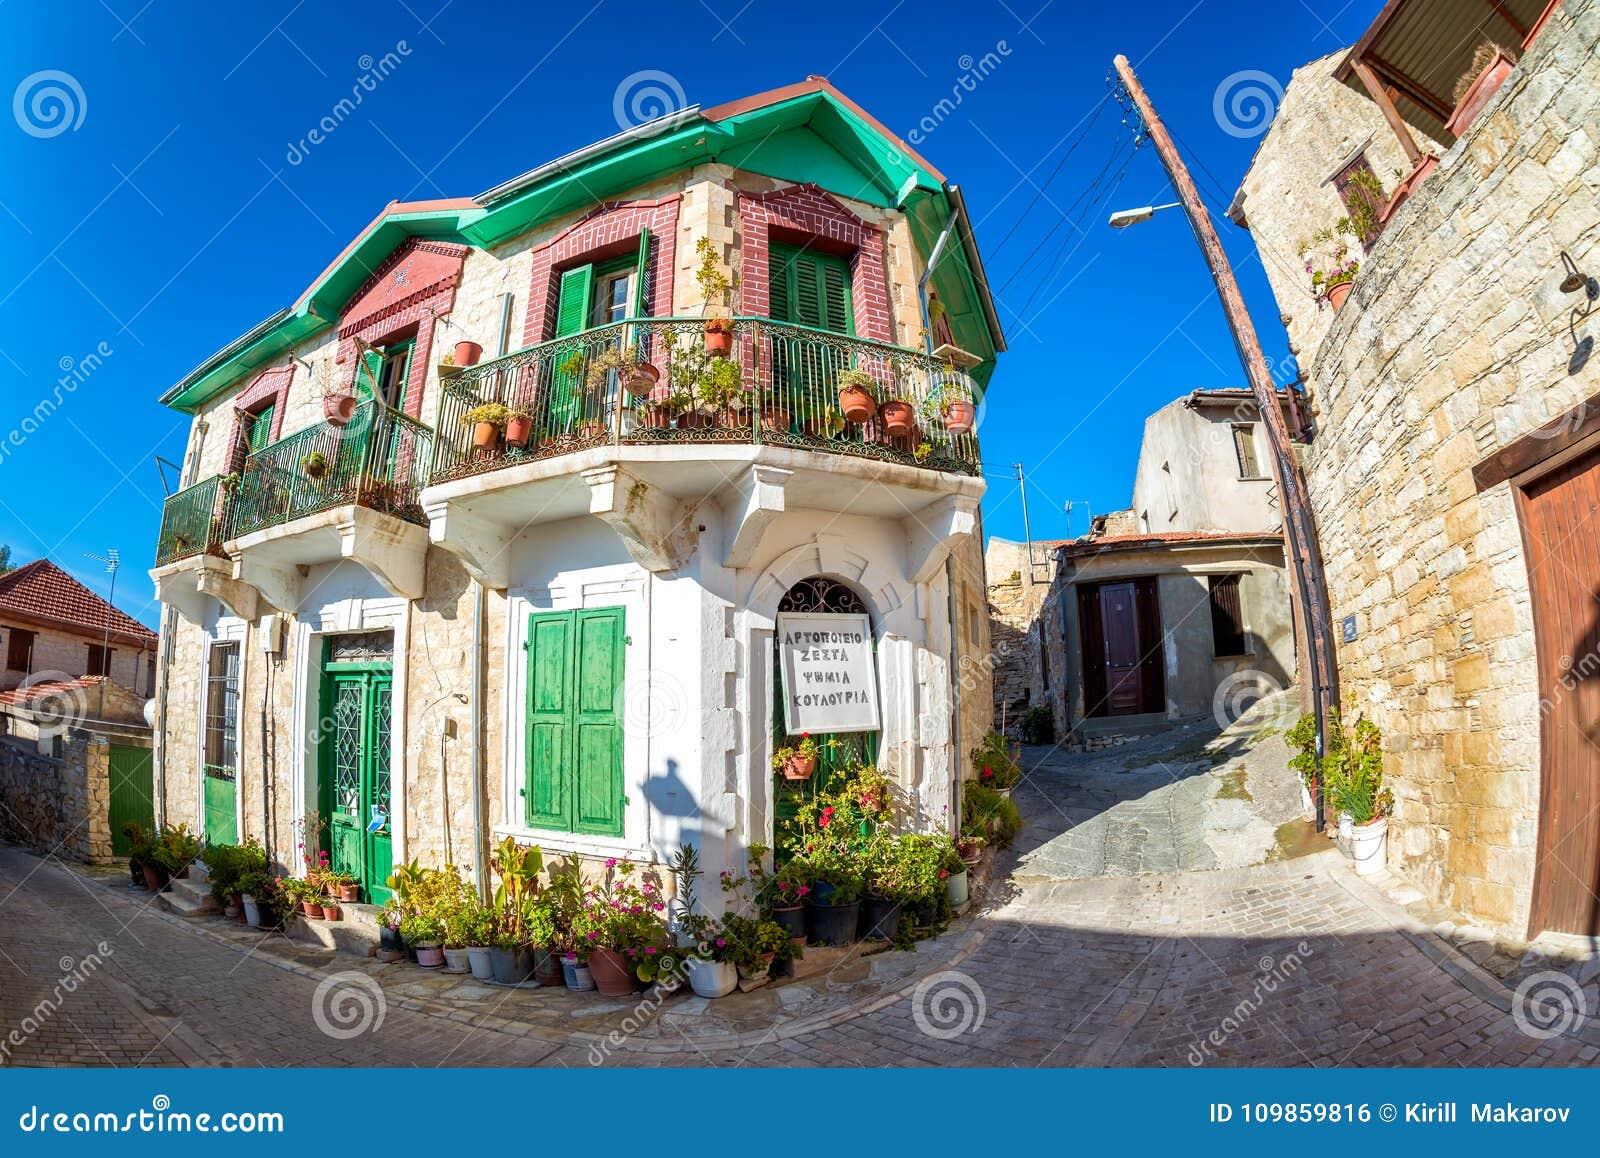 Αυθεντική ζωηρόχρωμη μεσογειακή οδός στο χωριό Arsos